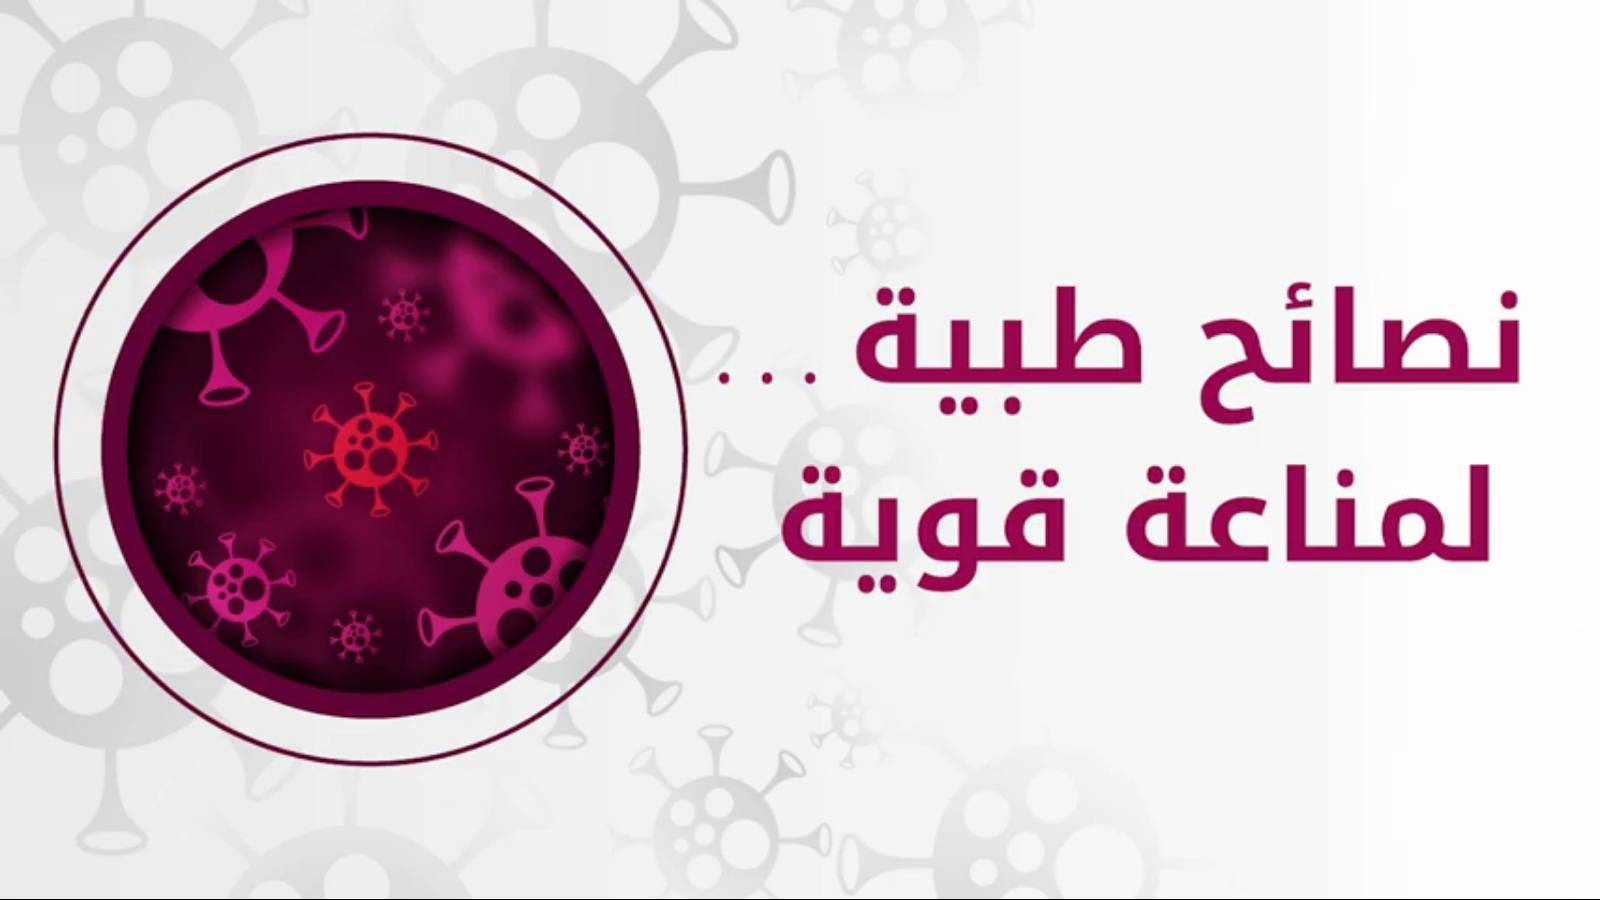 نصائح طبية ... لمناعة قوية - جمعية البشائر - عنابة